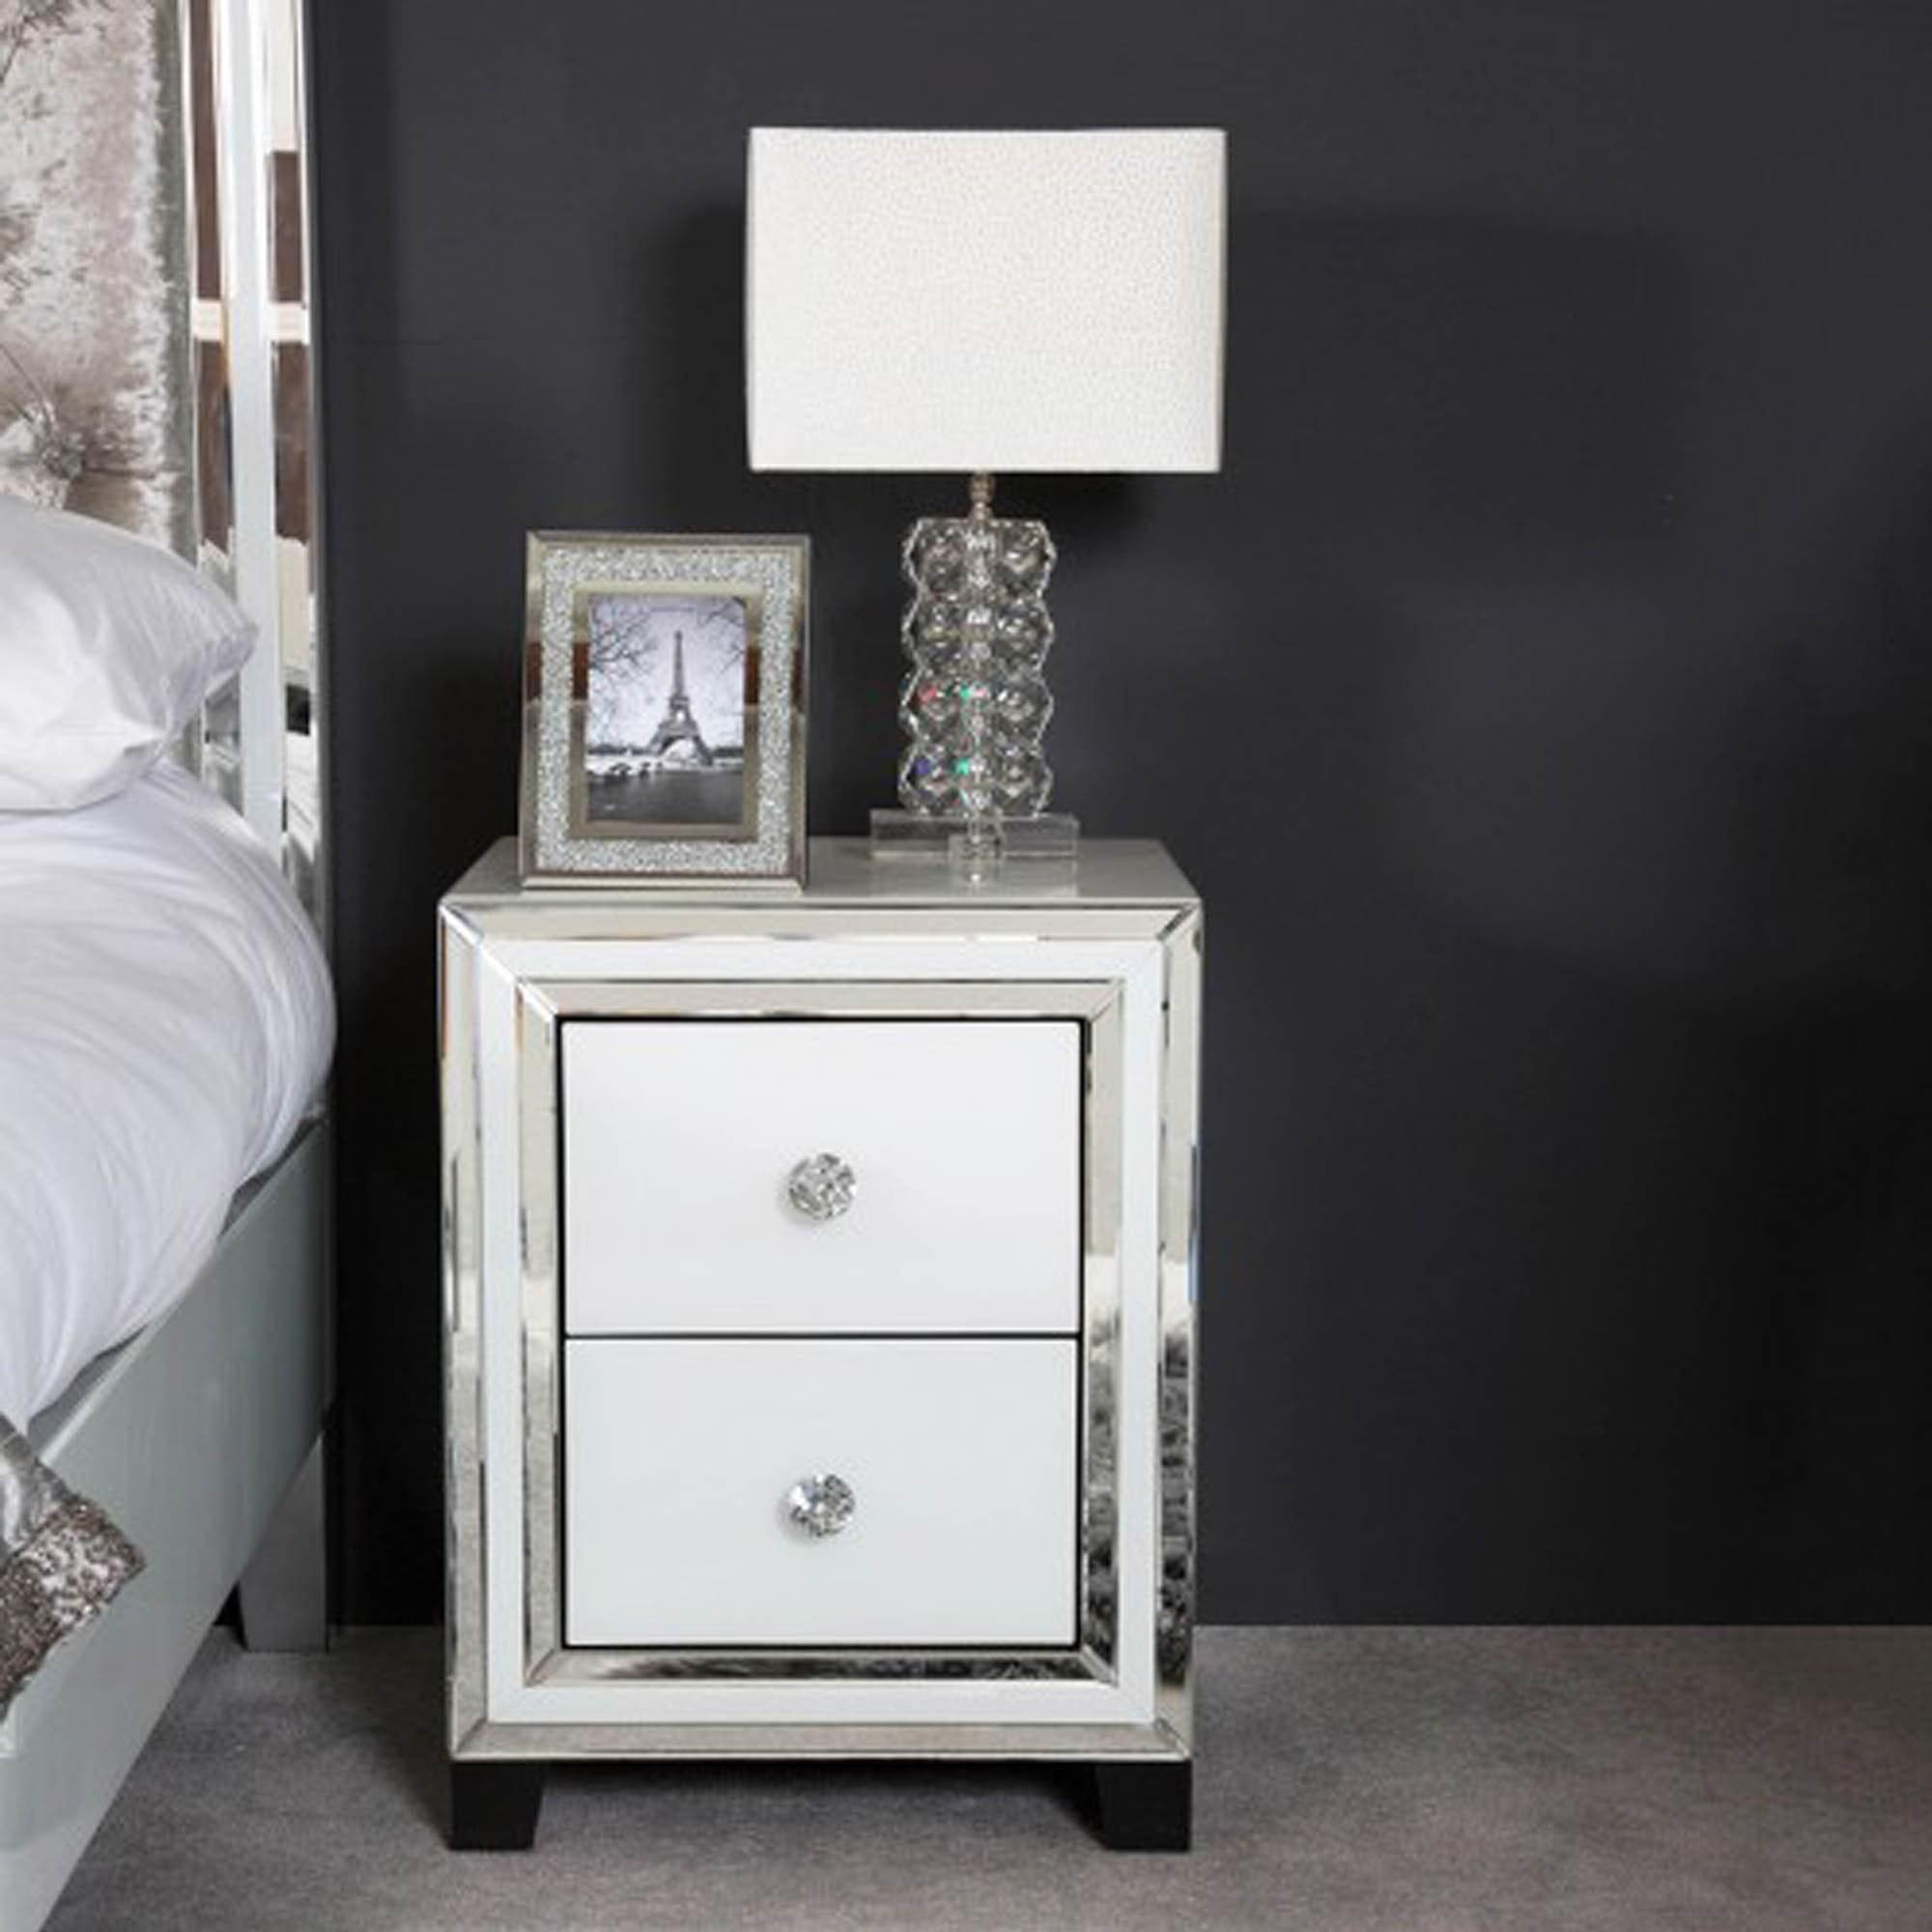 White Manhattan Mirror 2 Drawer Bedside Cabinet